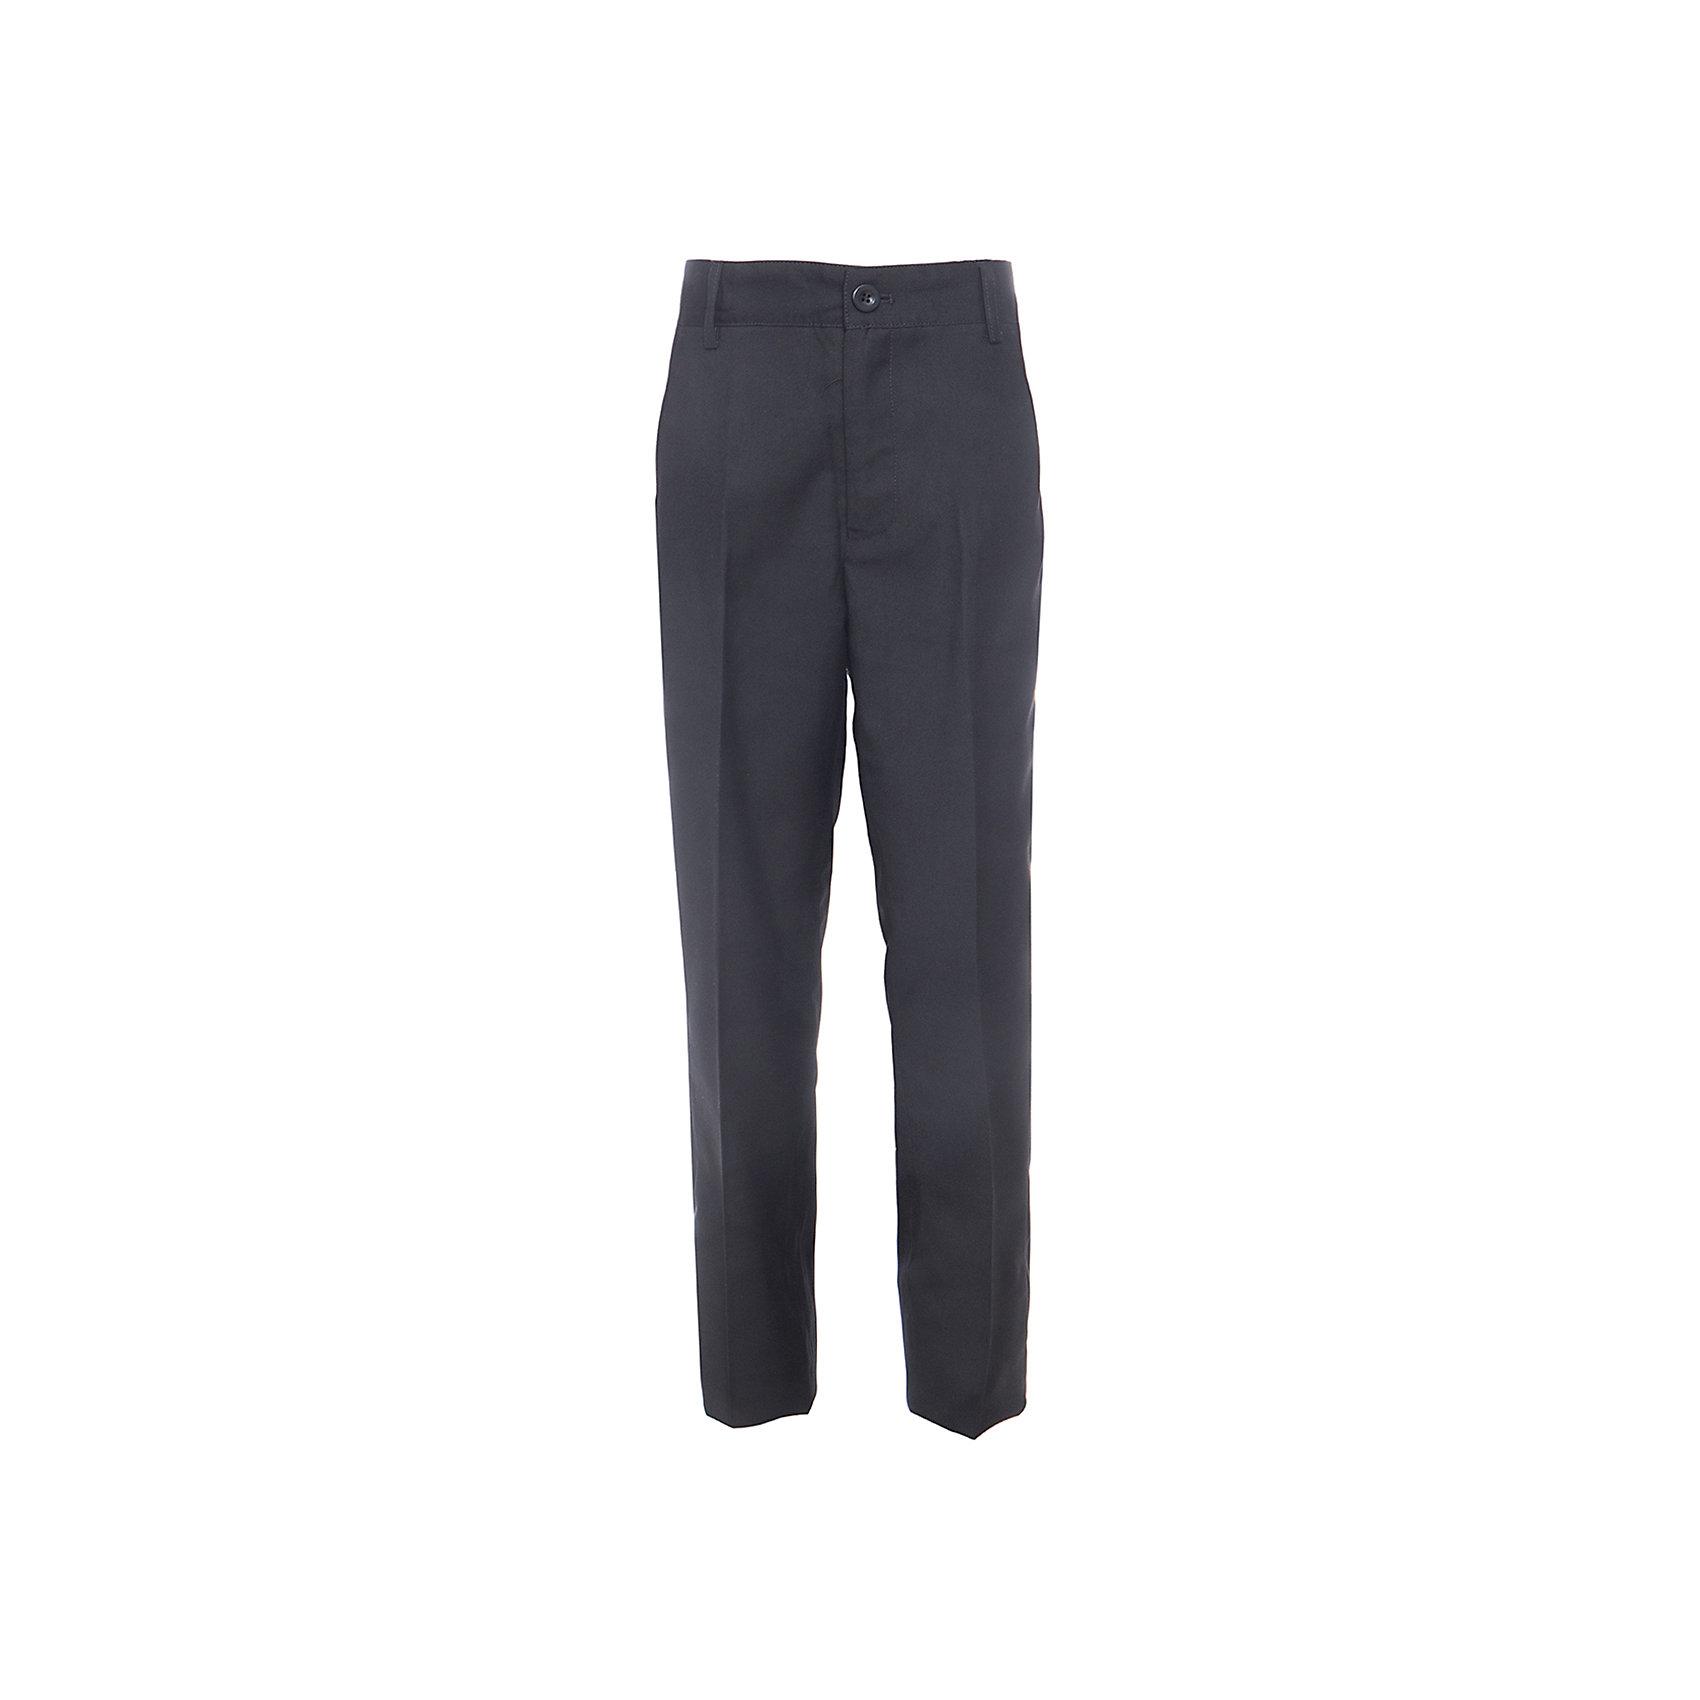 Брюки для мальчика Button BlueКлассические темные брюки - оптимальное решение для каждого школьного дня! Брюки имеют модную посадку на фигуре, прекрасно сидят и хорошо держат форму. Внутренняя часть пояса имеет удобную регулировку объема.<br>Состав:<br>ткань верха:  80% полиэстер, 20% вискоза  подкладка:  100%полиэстер<br><br>Ширина мм: 215<br>Глубина мм: 88<br>Высота мм: 191<br>Вес г: 336<br>Цвет: черный<br>Возраст от месяцев: 144<br>Возраст до месяцев: 156<br>Пол: Мужской<br>Возраст: Детский<br>Размер: 158,152,128,122,134,146,140<br>SKU: 4147262